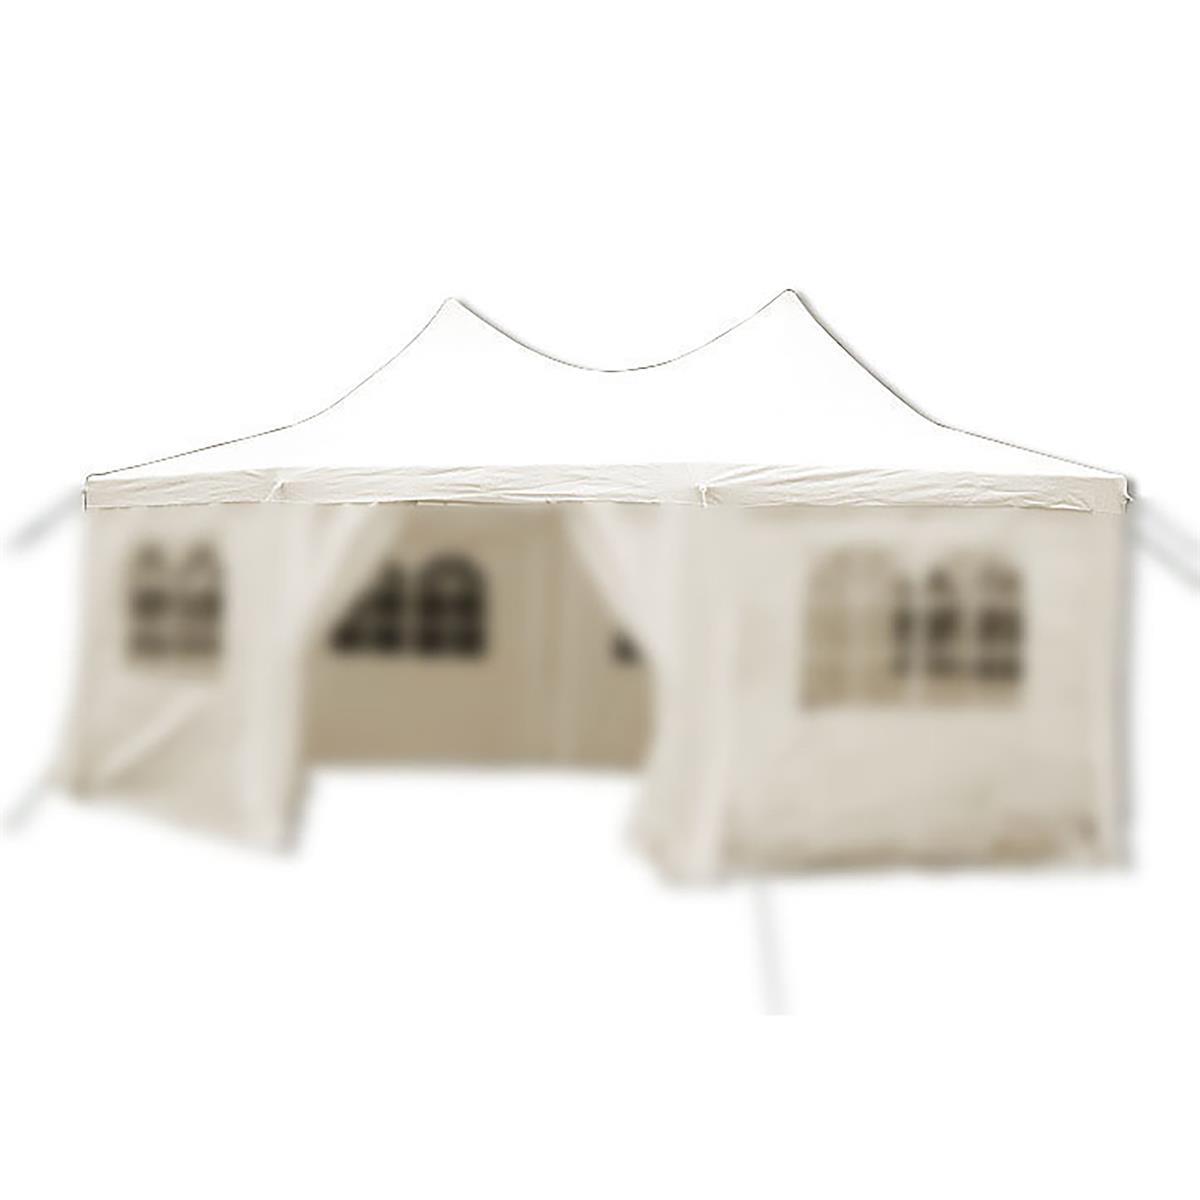 Ersatzdach creme für Pavillon Partyzelt  6 x 4,4 x 3,3m